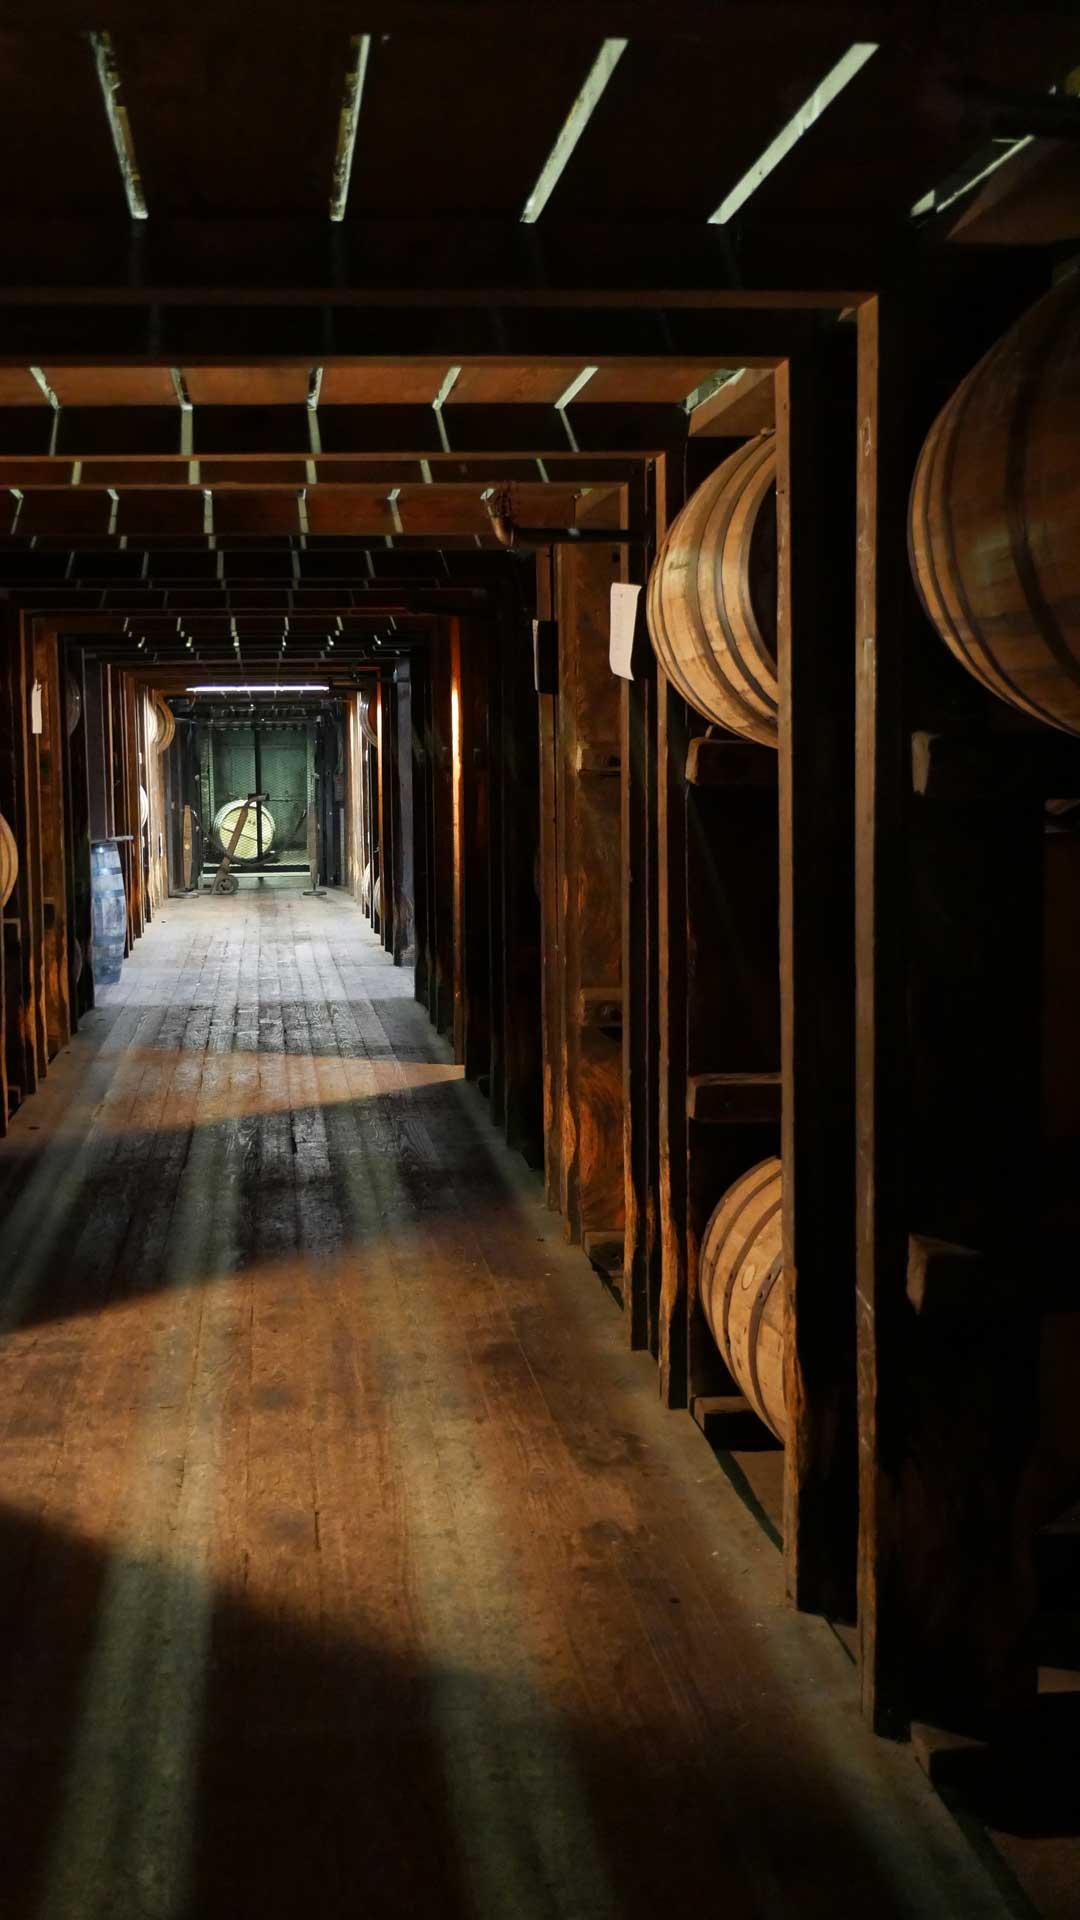 Das eigene Whiskyfass lagert nach dem Kauf gemeinsam mit den anderen Whiskyfässern in den Warehouses der Destillerie. (Foto: Malt Whisky)